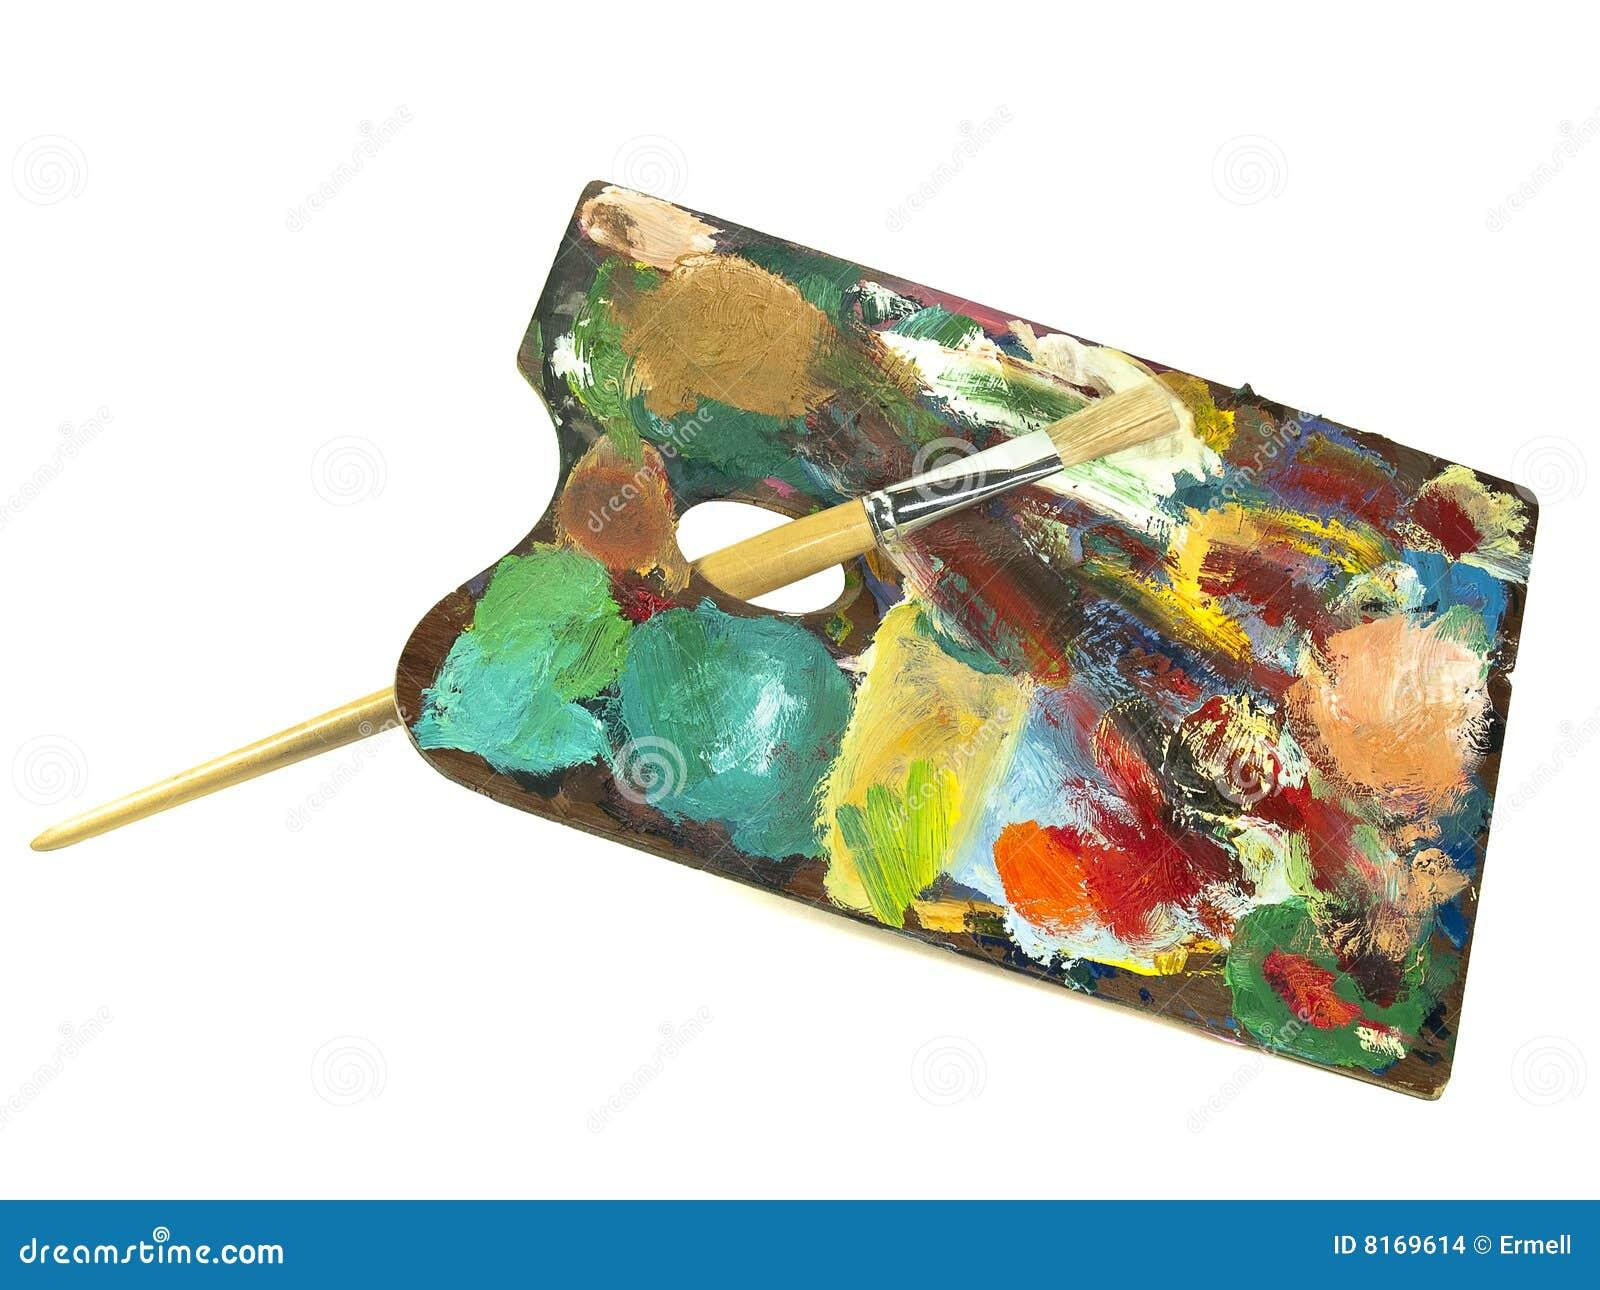 Escova e paleta de pintura imagens de stock imagem 8169614 - Paleta de pinturas ...